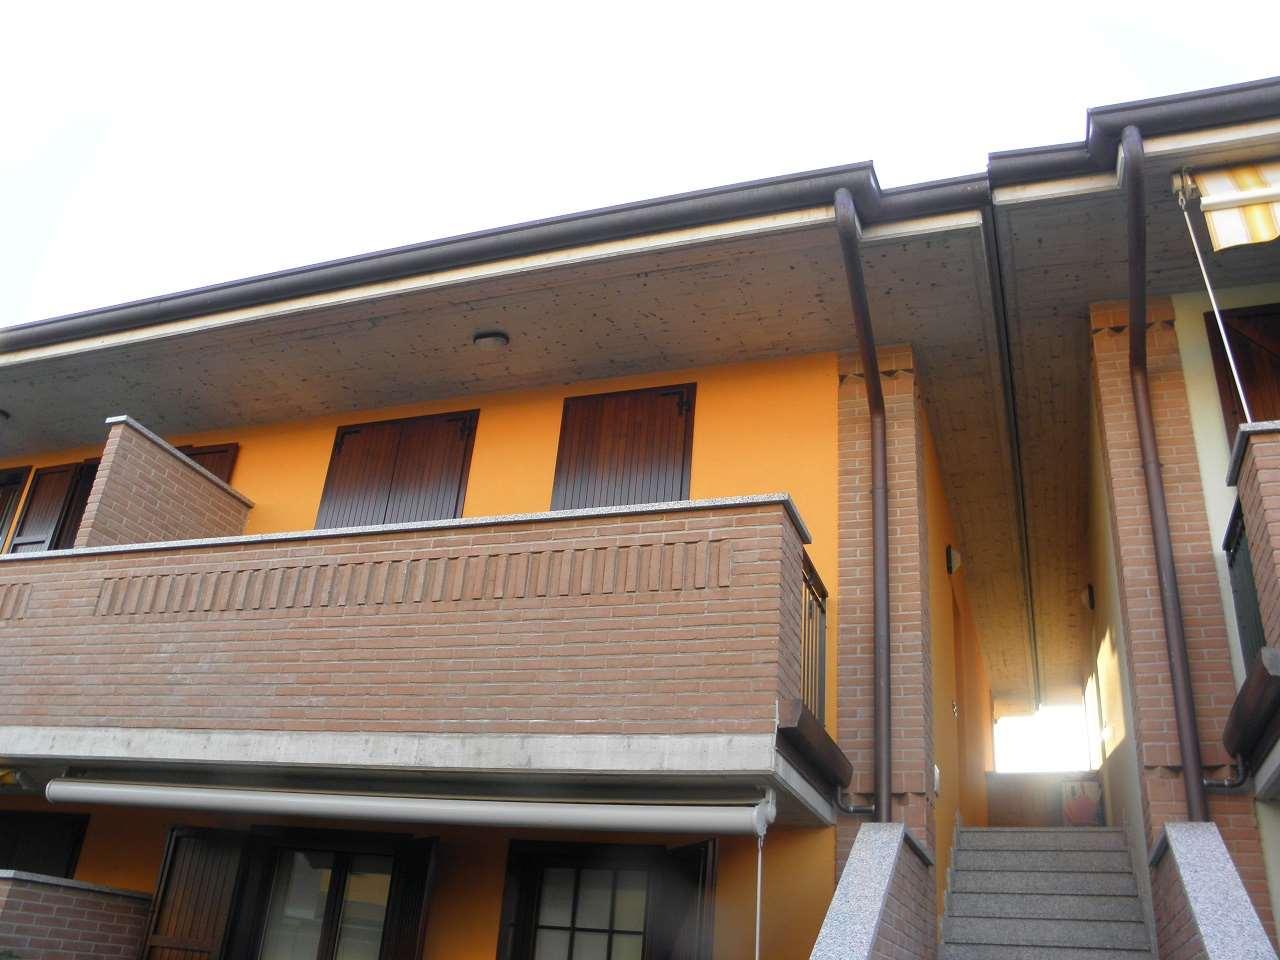 Appartamento in affitto a Bonate Sopra, 2 locali, zona Località: Bonate Sopra, prezzo € 480 | CambioCasa.it